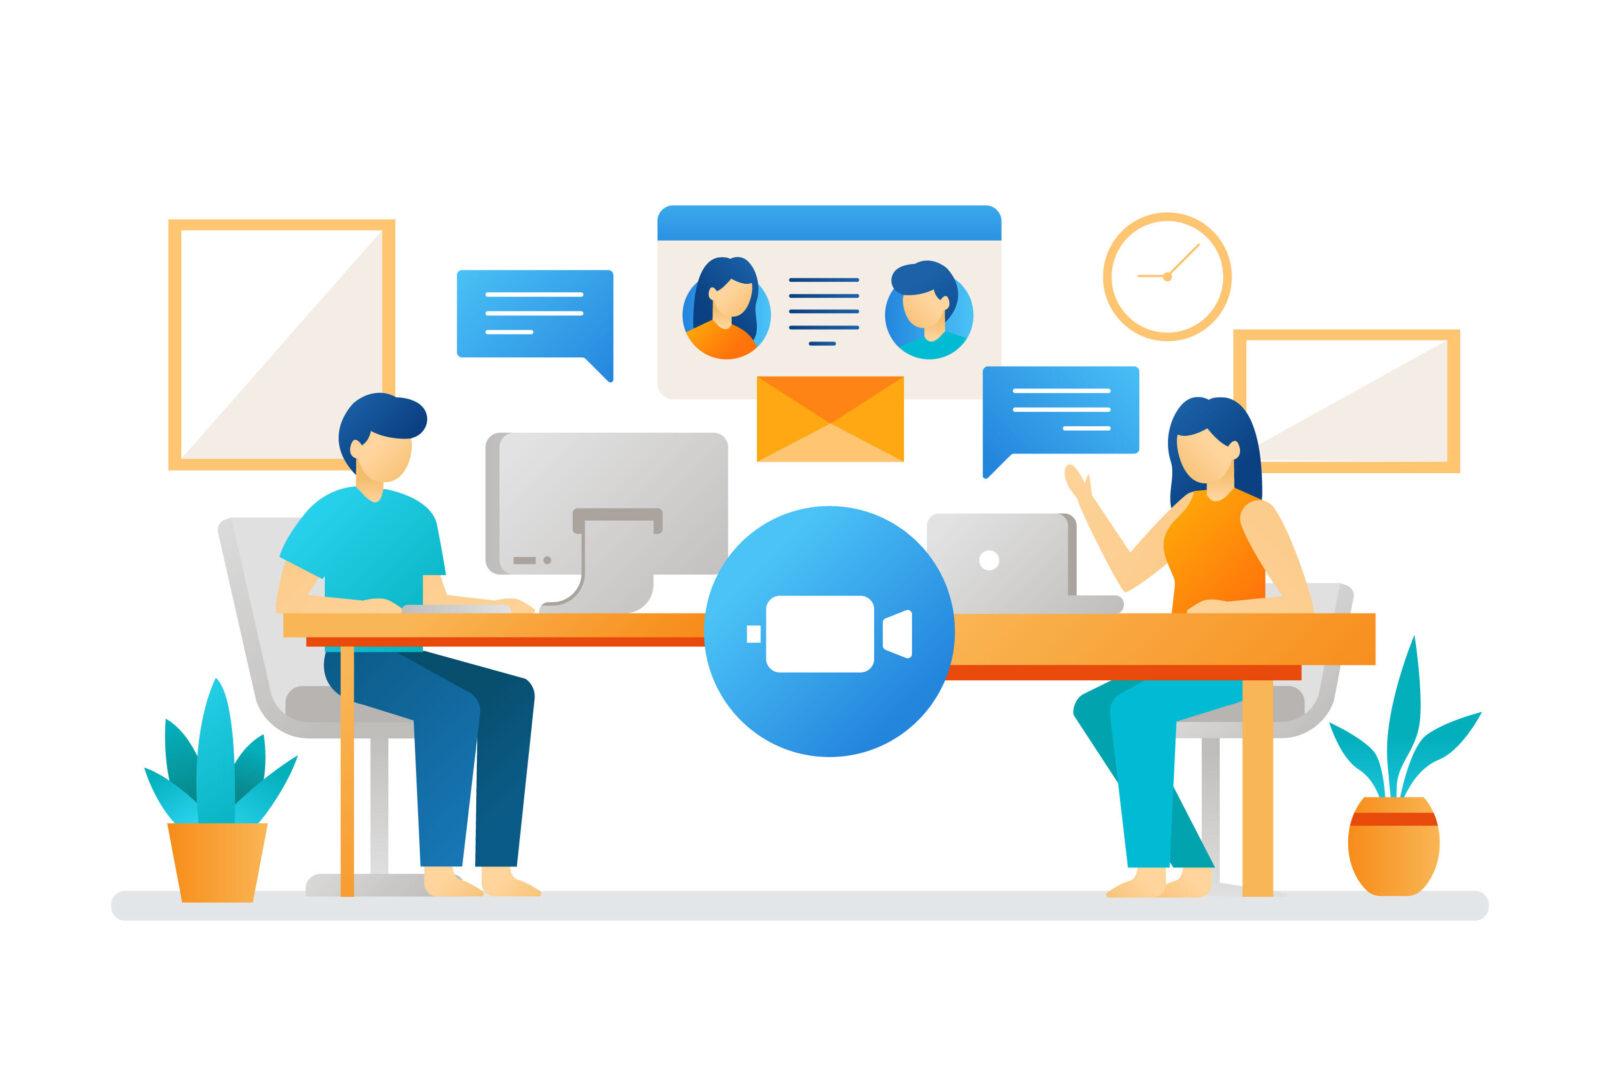 Як будувати бізнес онлайн